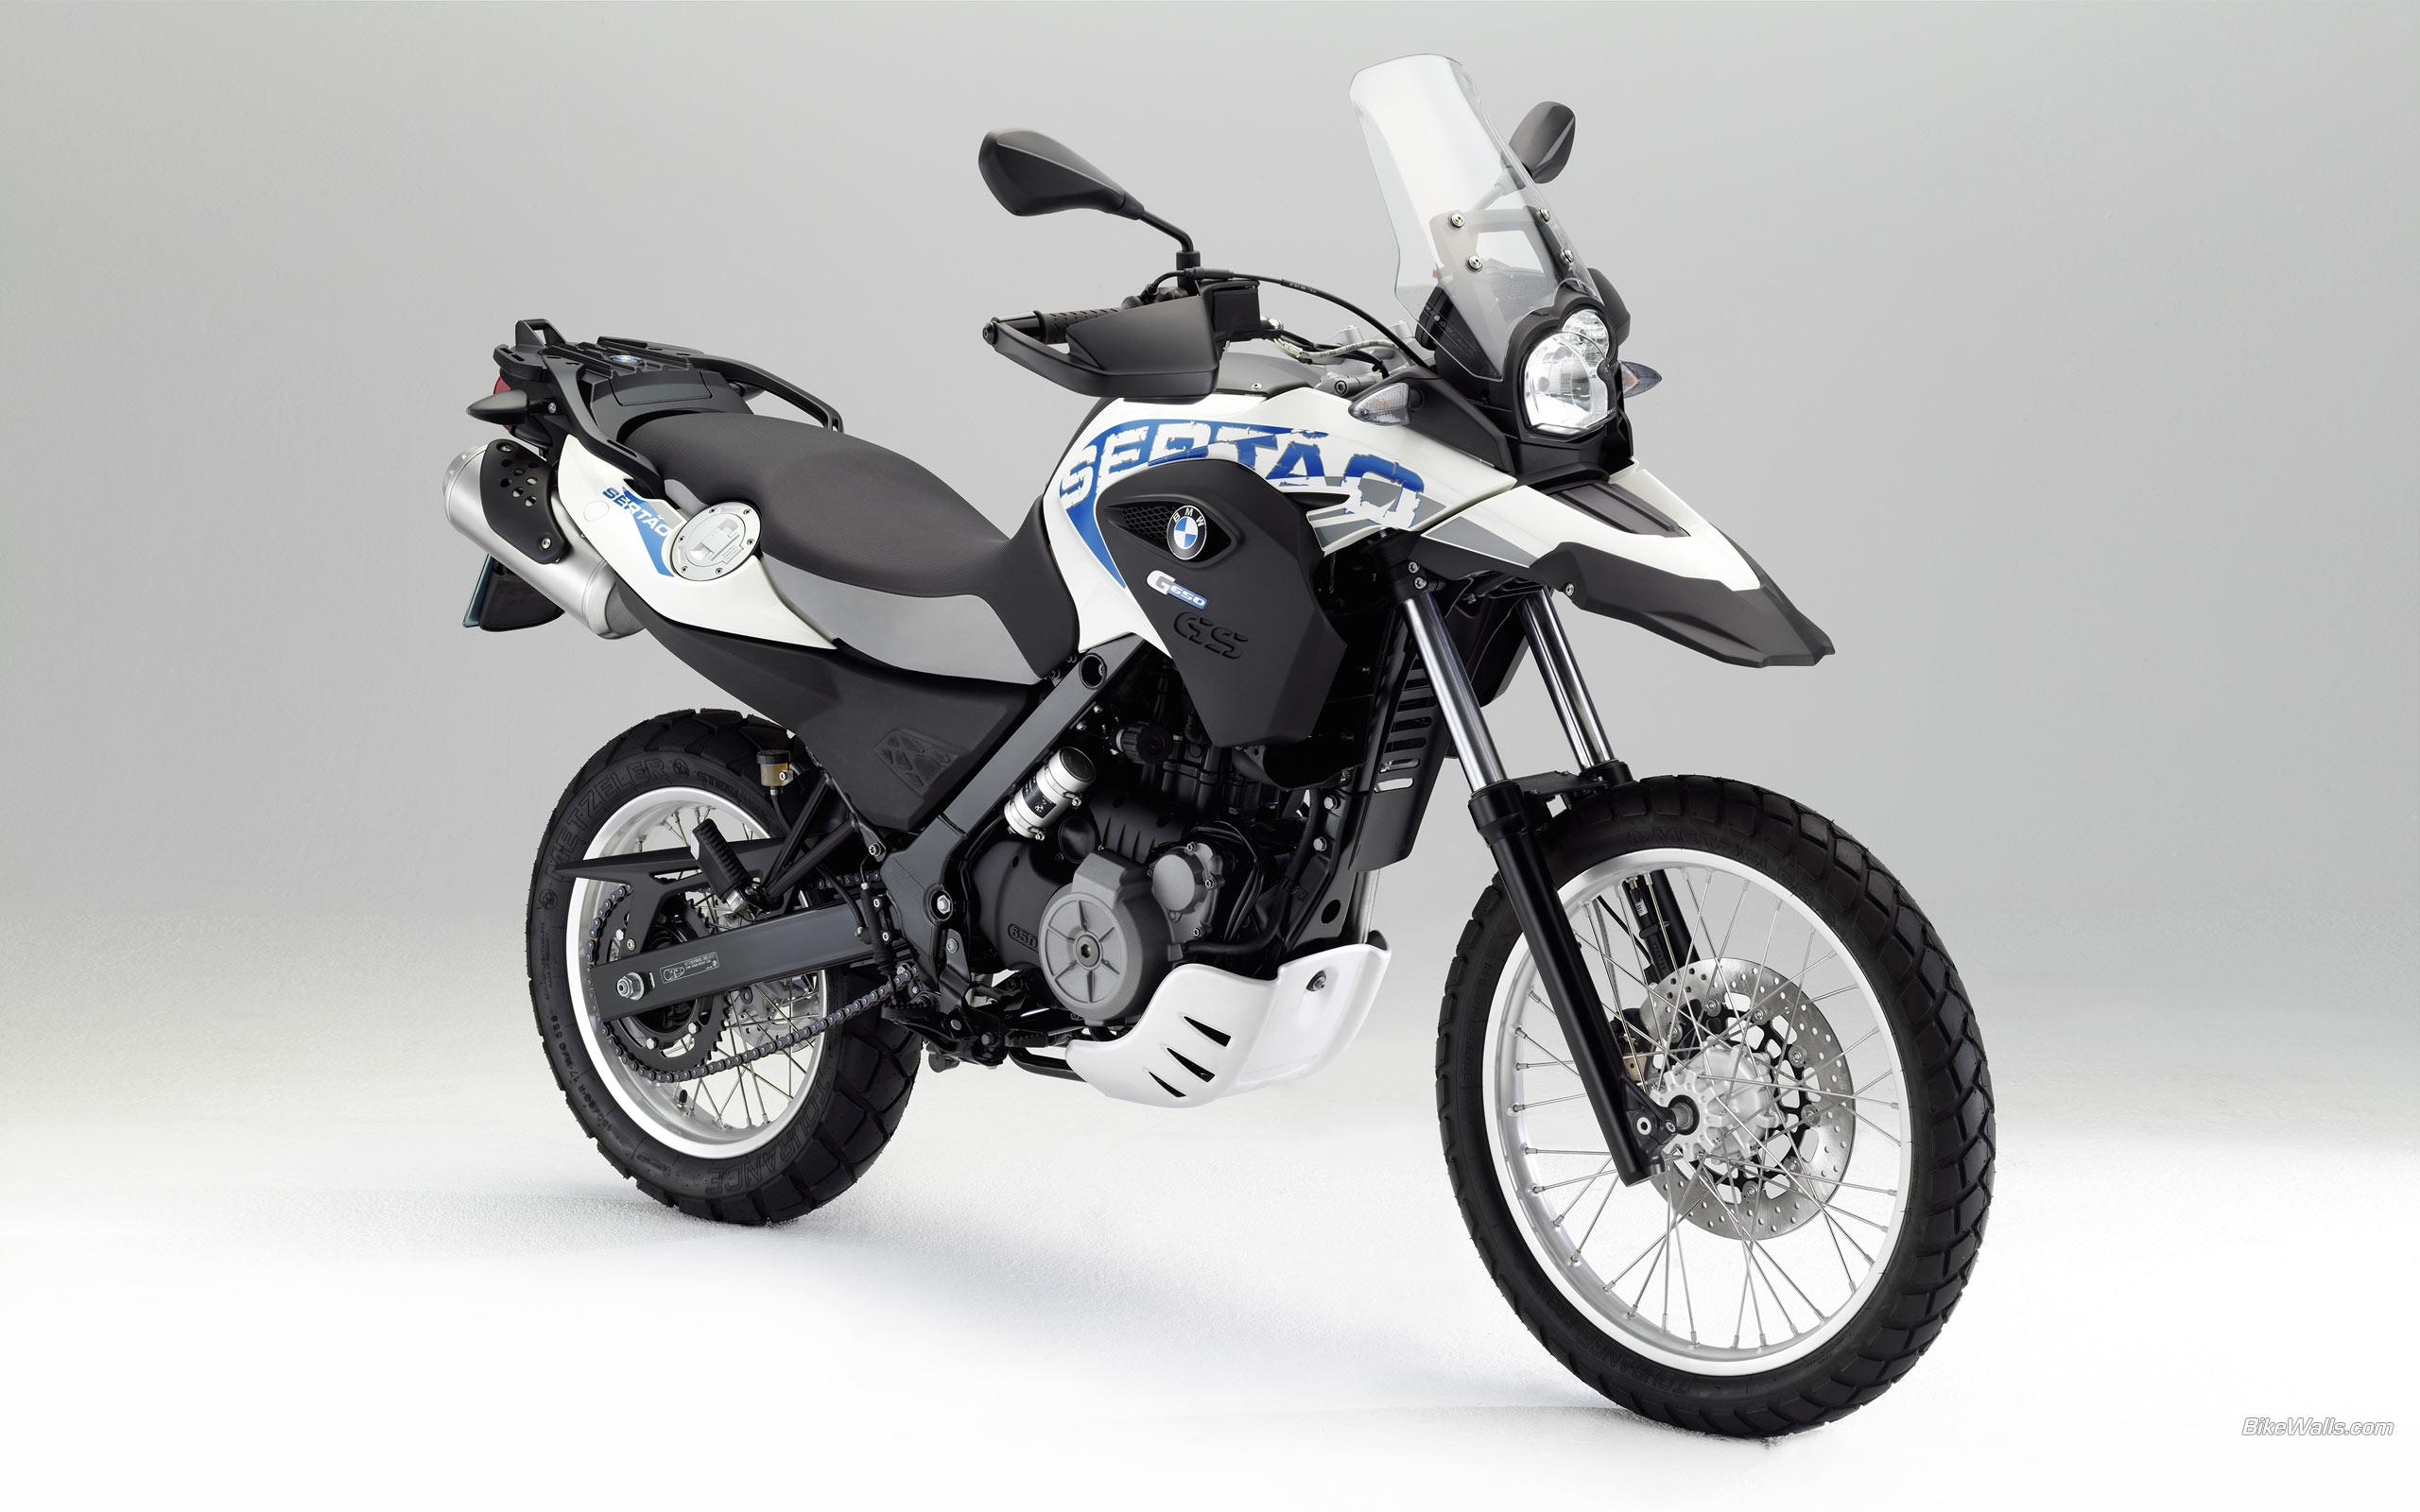 SUZUKI GSX-R 1000 - Motorräder Foto (32041412) - Fanpop